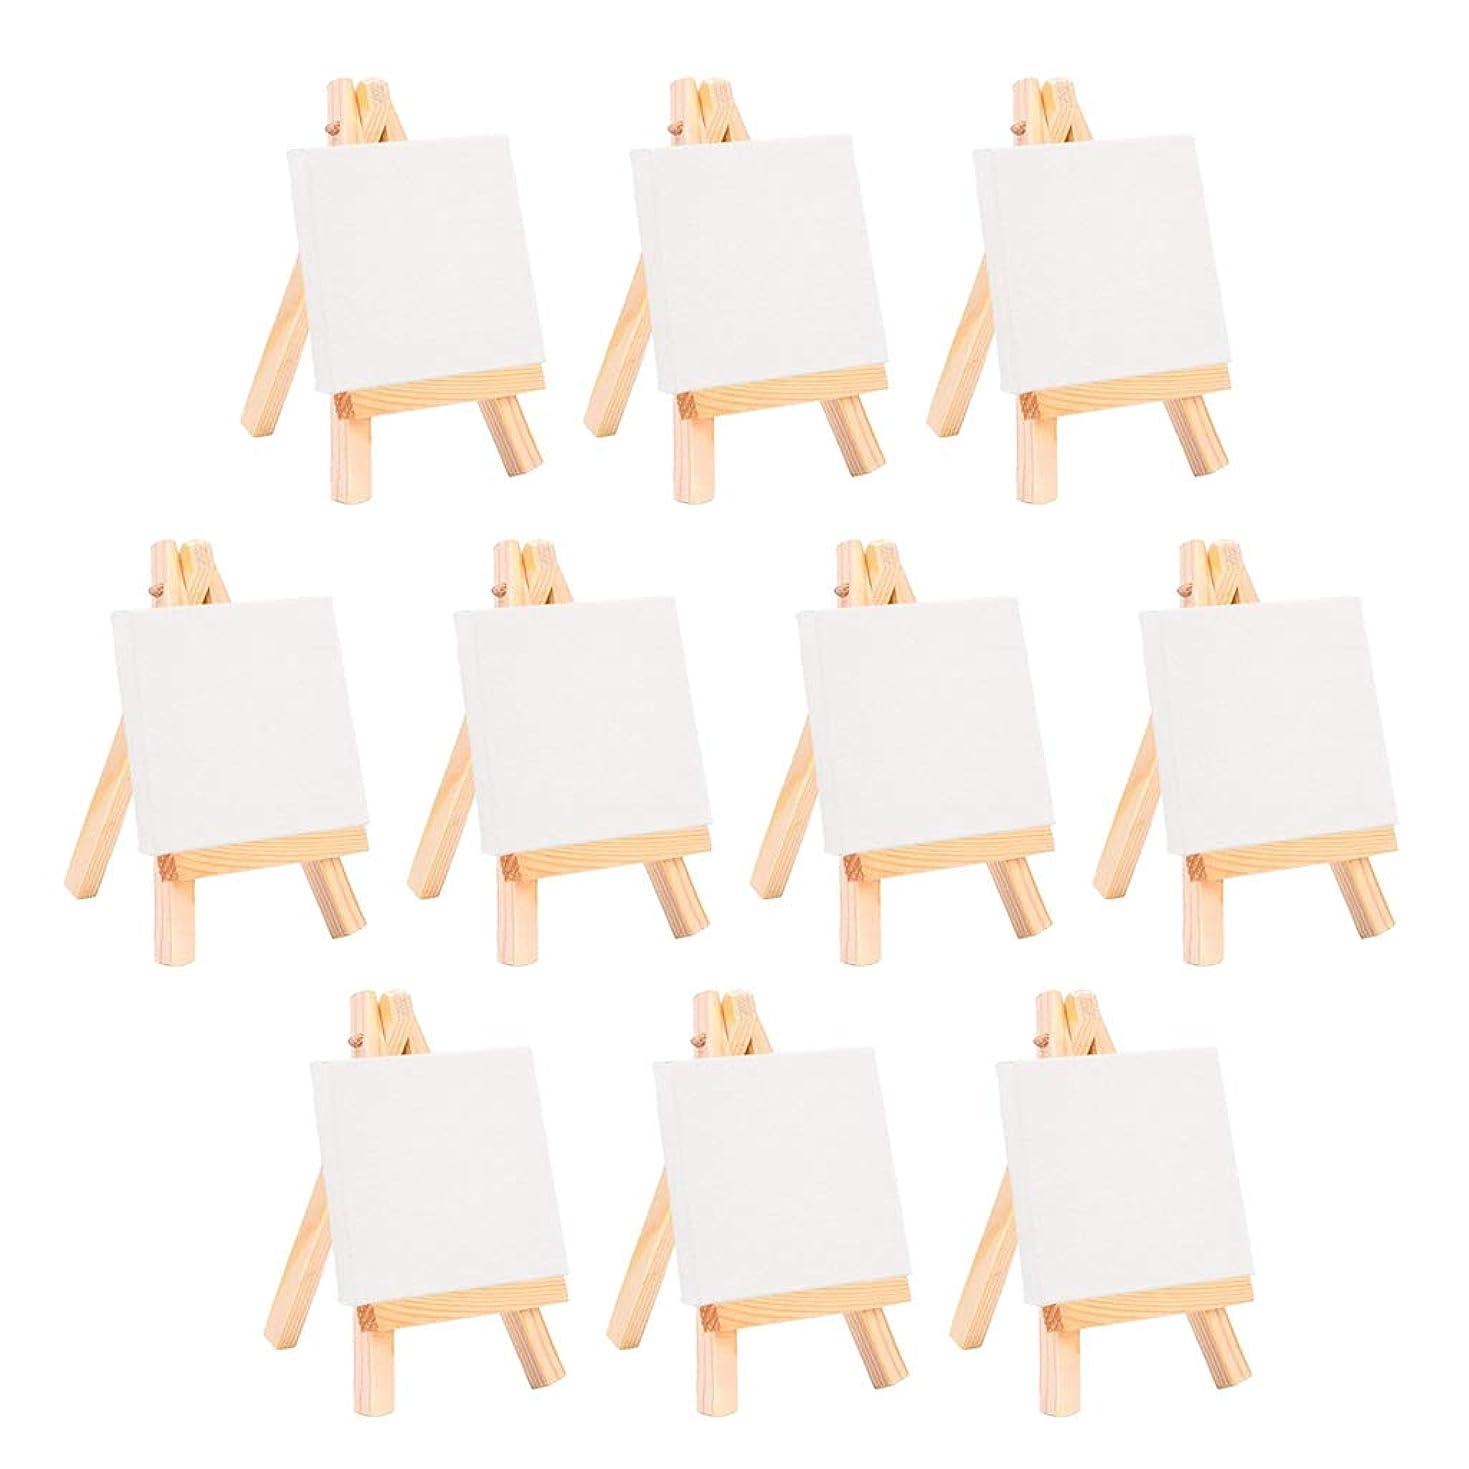 残忍な協力するアンデス山脈Perfeclan イーゼル 木製イーゼル 画材 写真 キャンバス ホビー 画材 手芸 ディスプレイ 簡単に折りたたみ 調節可能